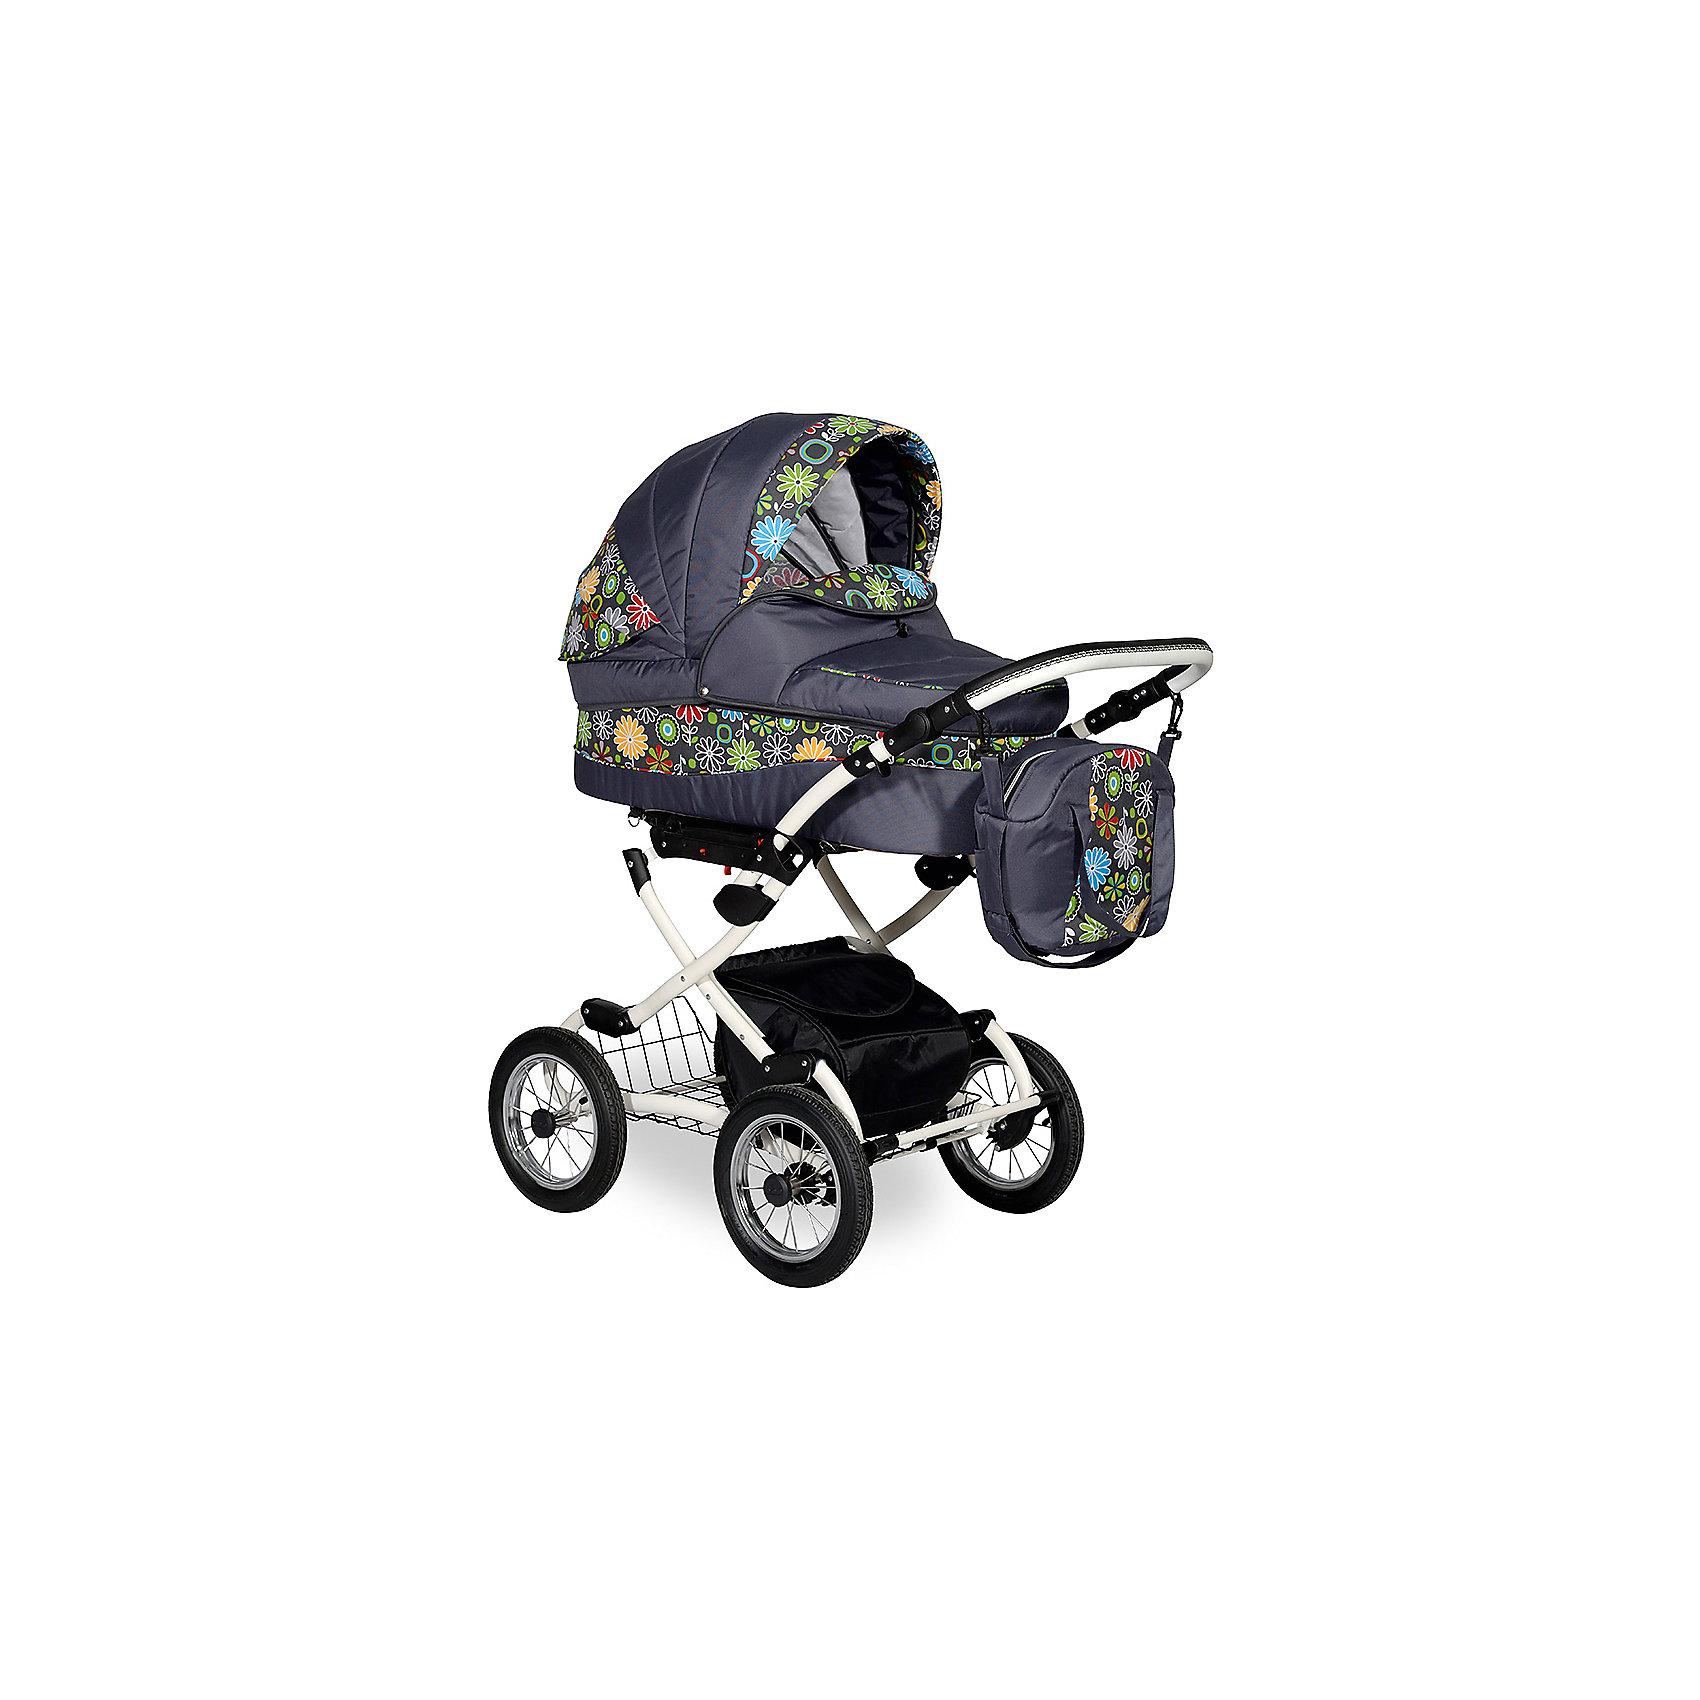 Коляска 2 в 1 Blues PC Indigo, серыйКоляска 2 в 1 Blues PC Indigo, серый – относится к категории современной классики. Данная модель предназначена для детей с самого рождения и до трех лет. Классические детали и современные качественные и безопасные материалы отличают эту коляску среди аналогичных моделей. Помповые колеса обеспечивают плавное движение коляски даже по самым неровным дорогам и тротуарам.<br>Люлька в коляске 2 в 1 Индиго Блюс оснащена регулируемым подголовником, имеется 2 капюшона, один из которых съемный, второй легкий, хорошо пропускает воздух, но при этом защищает от насекомых. Прогулочный вариант этой коляски обеспечен ремнями безопасности, подъемной металлической подножкой и съемным поручнем, обтянутым тканевым материалом.<br>Коляска 2 в 1 Blues PC Indigo, серый – это высокое качество по доступной цене.<br><br>Дополнительная информация:<br><br>- Механизм складывания: книжка<br>- Цвет: зеленый/серый<br>- Сезон: зима-лето<br>- Комплектация: сумка для мамы, матрасик в люльку, накидка на ножки<br>- Ширина шасси: 58 см<br>- Диаметр колес: 30,5 см<br>- Ручка: 4 положения<br>- Размер люльки (ДxШ): 80х35<br>- Размер (ДxВхШ): 93х53х60 см<br>- Материал: ткань, устойчивая к низким температурам и воздействия яркого солнечного цвета. Обладает водоотталкивающими свойствами.<br>- Вес 21,0 кг<br><br>Подробнее:<br><br>- Для детей в возрасте: от 0 месяцев до 3 лет<br><br>Страна производитель: Польша<br><br>Коляску 2 в 1 Blues PC Indigo, серый можно купить в нашем интернет-магазине.<br><br>Ширина мм: 930<br>Глубина мм: 600<br>Высота мм: 530<br>Вес г: 21000<br>Возраст от месяцев: 0<br>Возраст до месяцев: 36<br>Пол: Унисекс<br>Возраст: Детский<br>SKU: 4855050